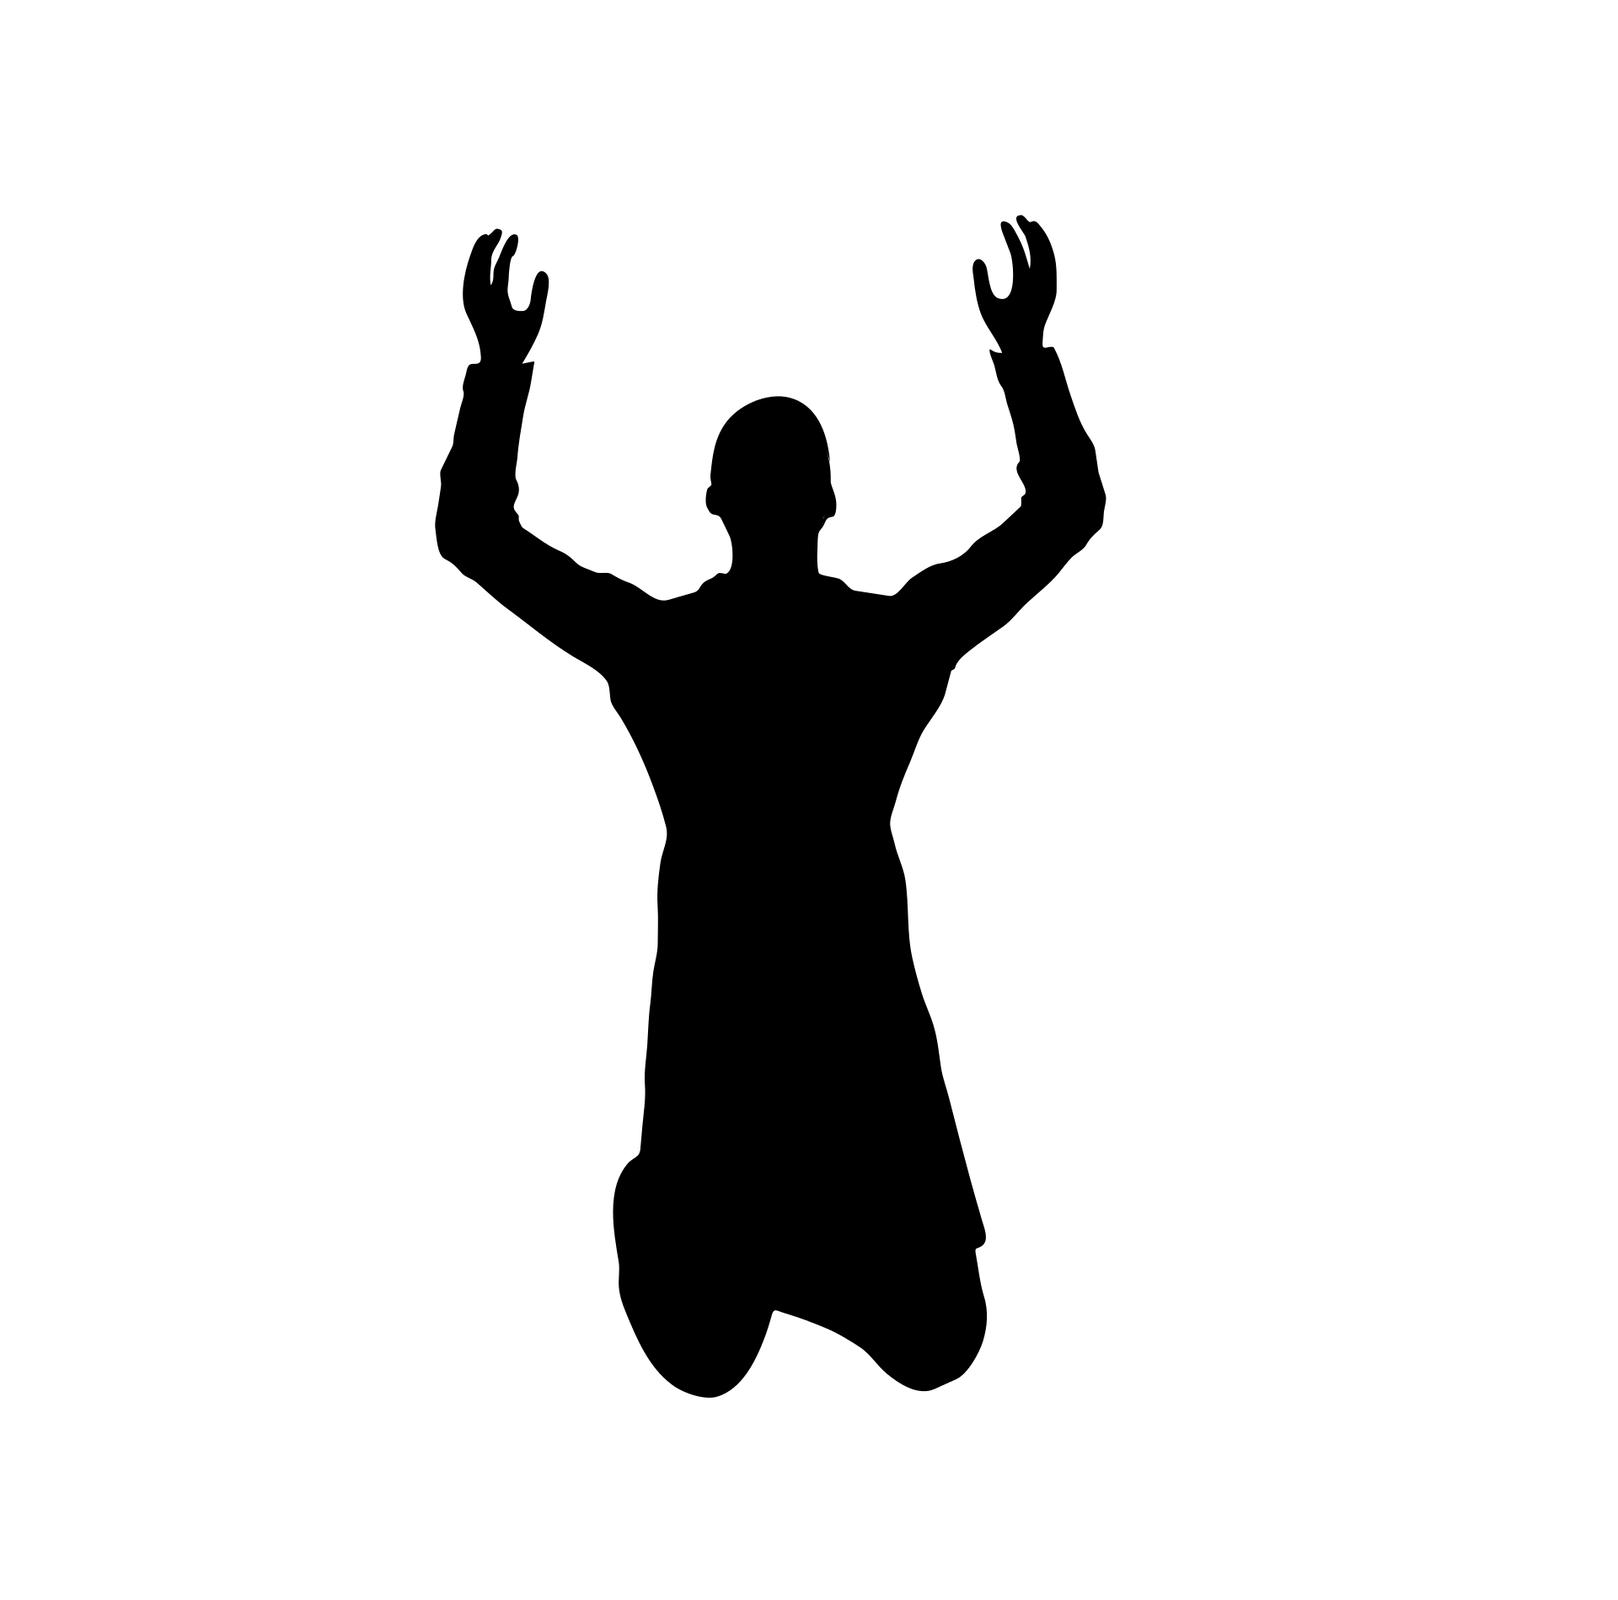 Ilustracja przedstawia sylwetkę mężczyzny, który klęczy ima uniesione dłonie do góry.